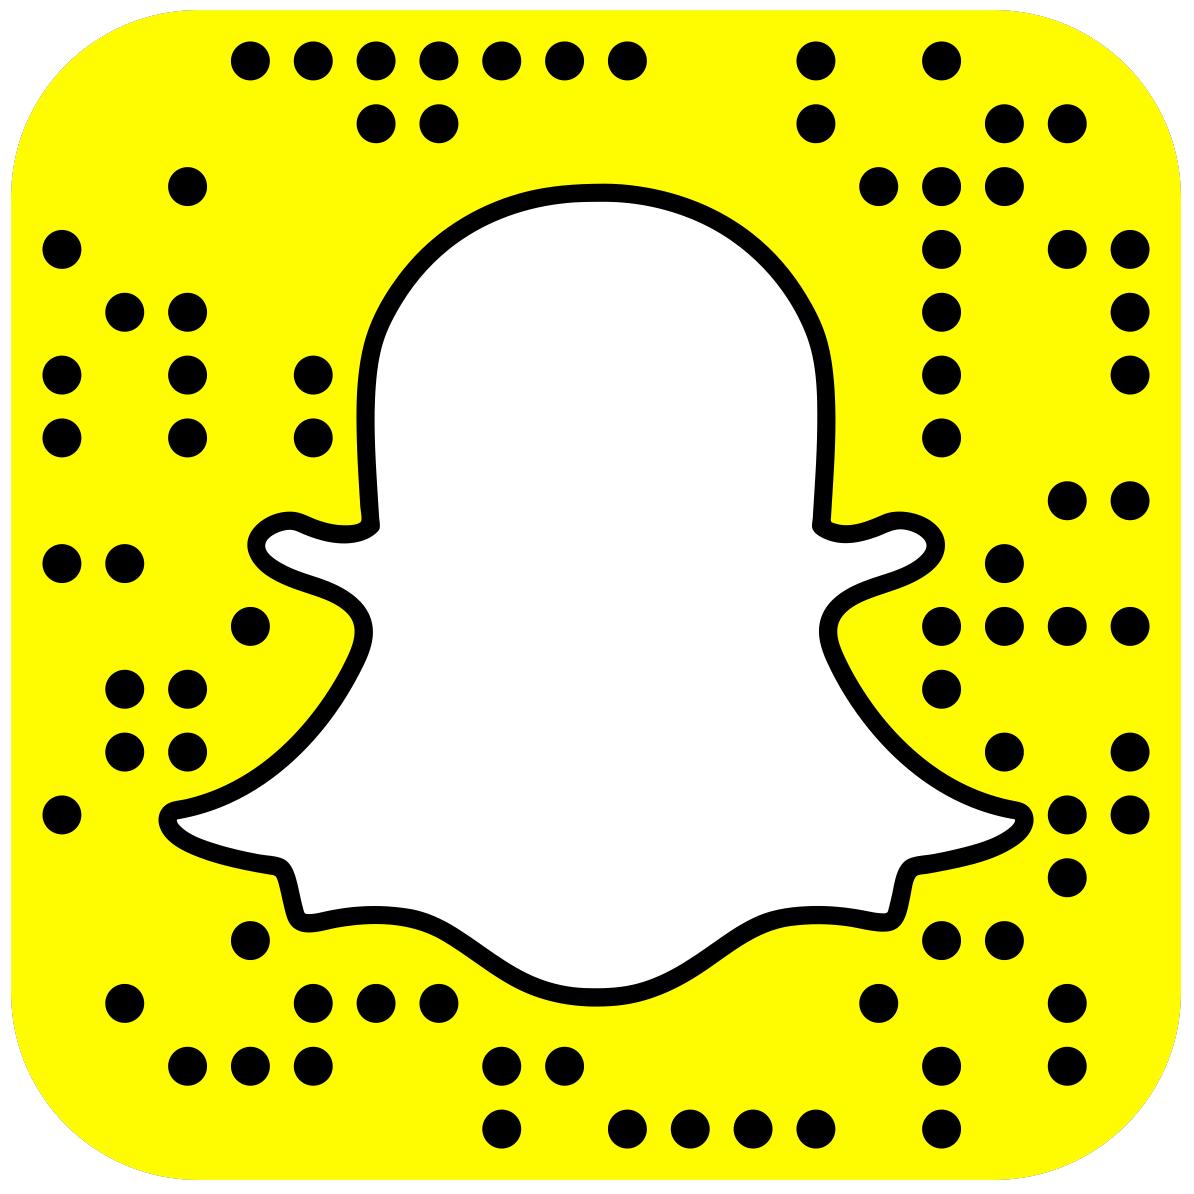 Danielle Bregoli Snapchat username